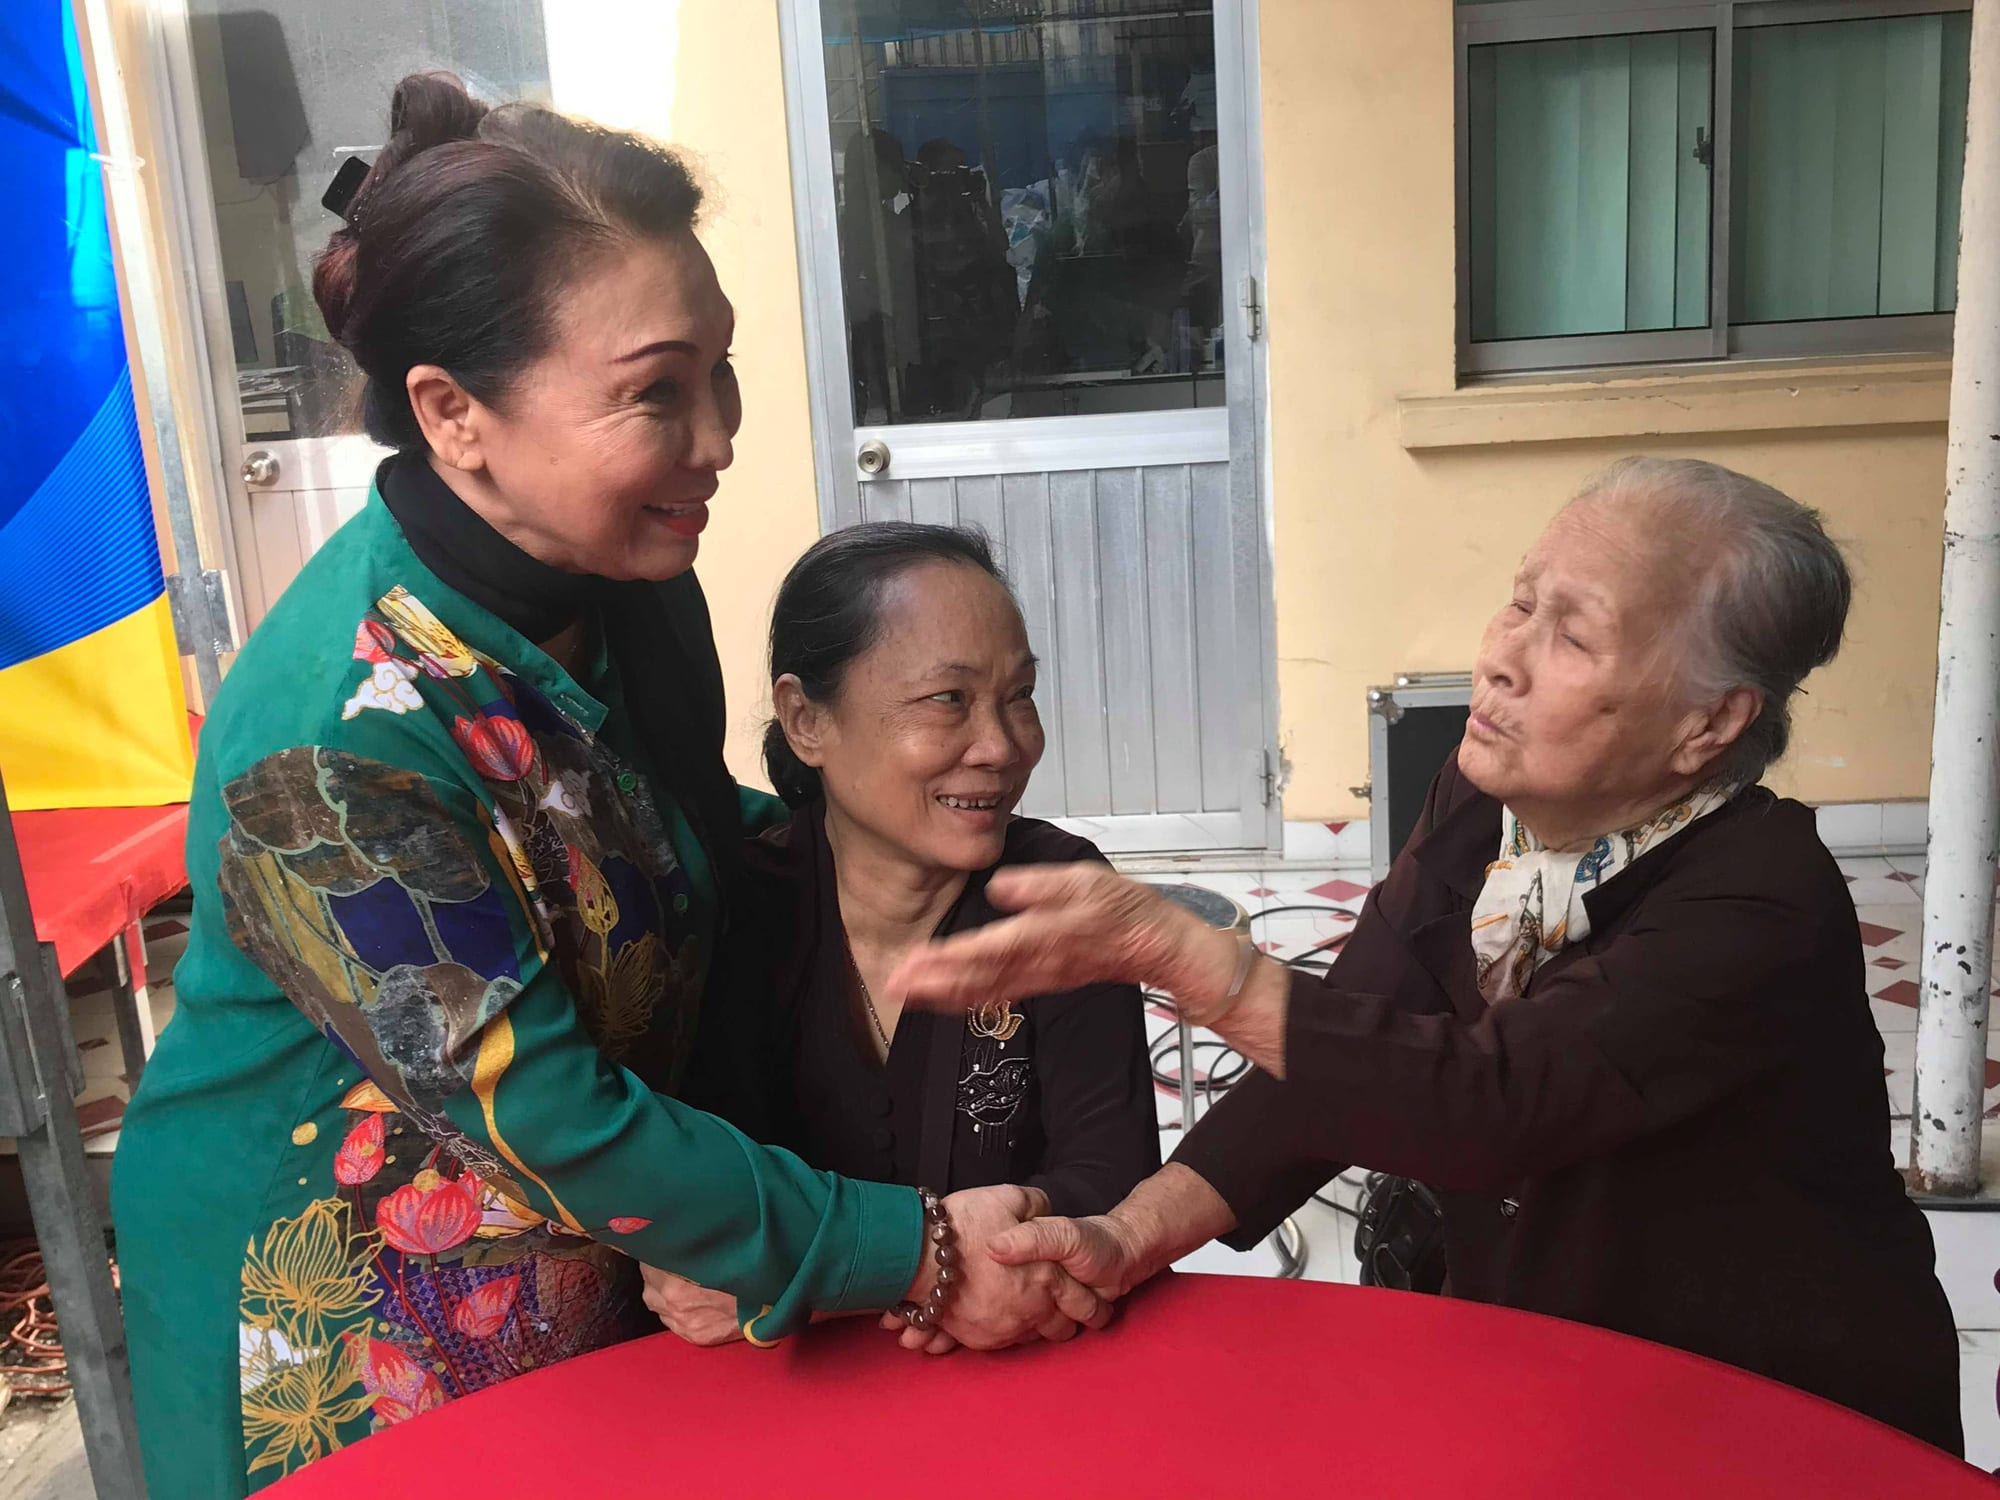 NSND Kim Cương dù bệnh vẫn trao quà Tết Nghệ sĩ tri âm - Ảnh 1.